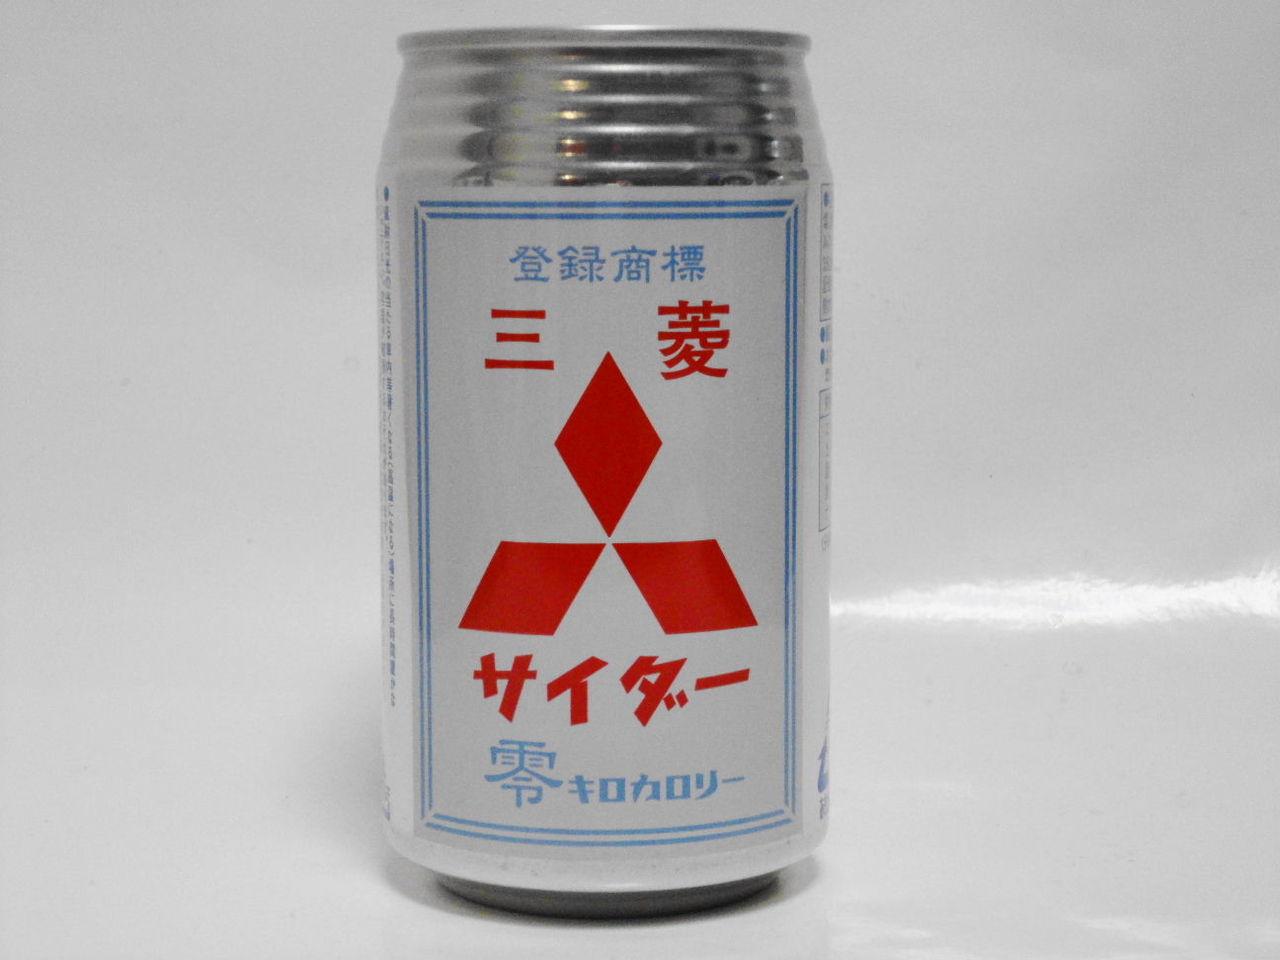 食べモノズキ:【清涼飲料】三菱...